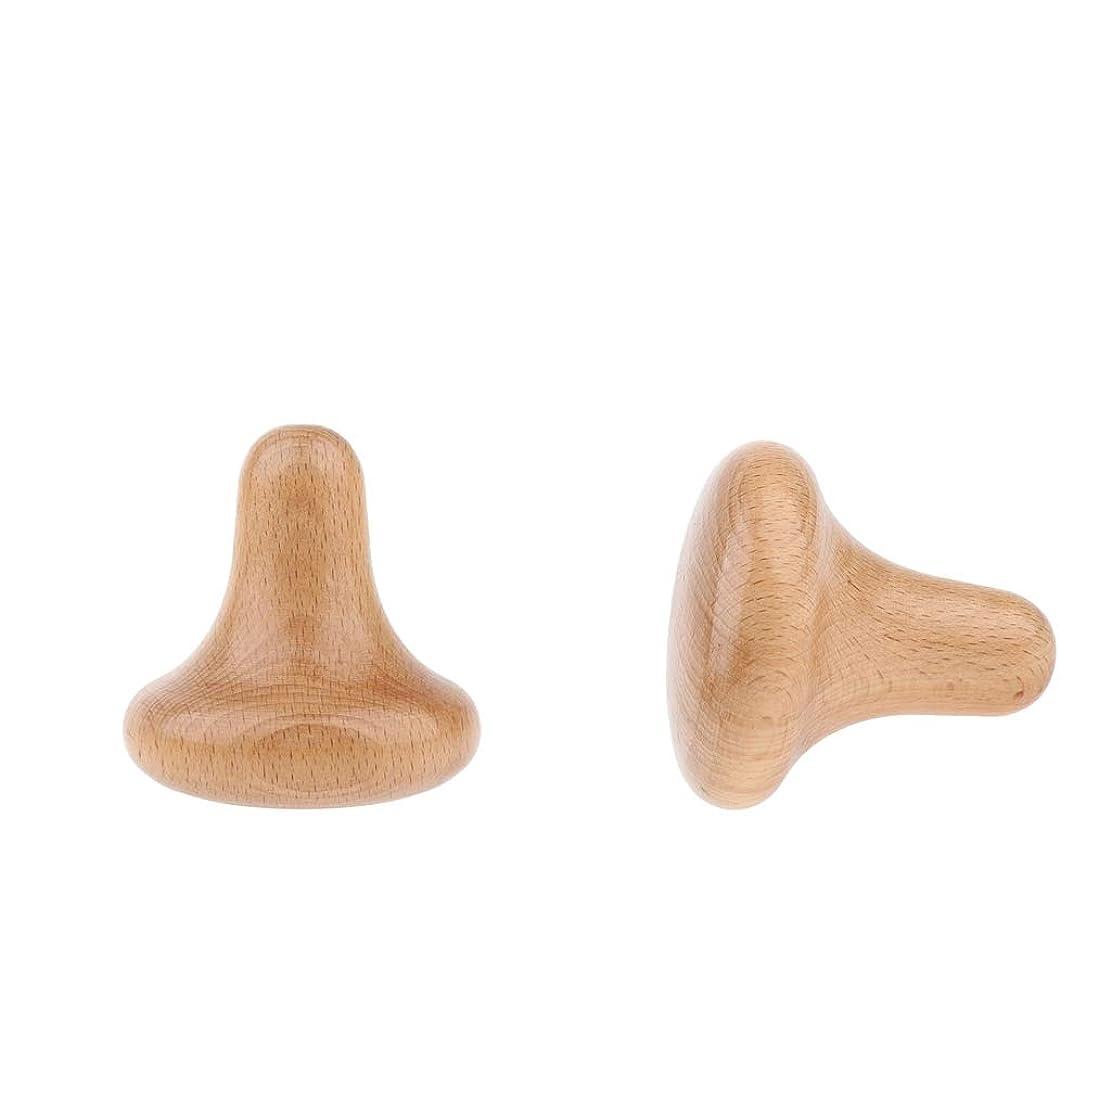 鑑定禁止する倉庫sharprepublic ボディマッサージ 木製 トリガーポイント のきのこ形 痛み軽減 高齢者 年長者